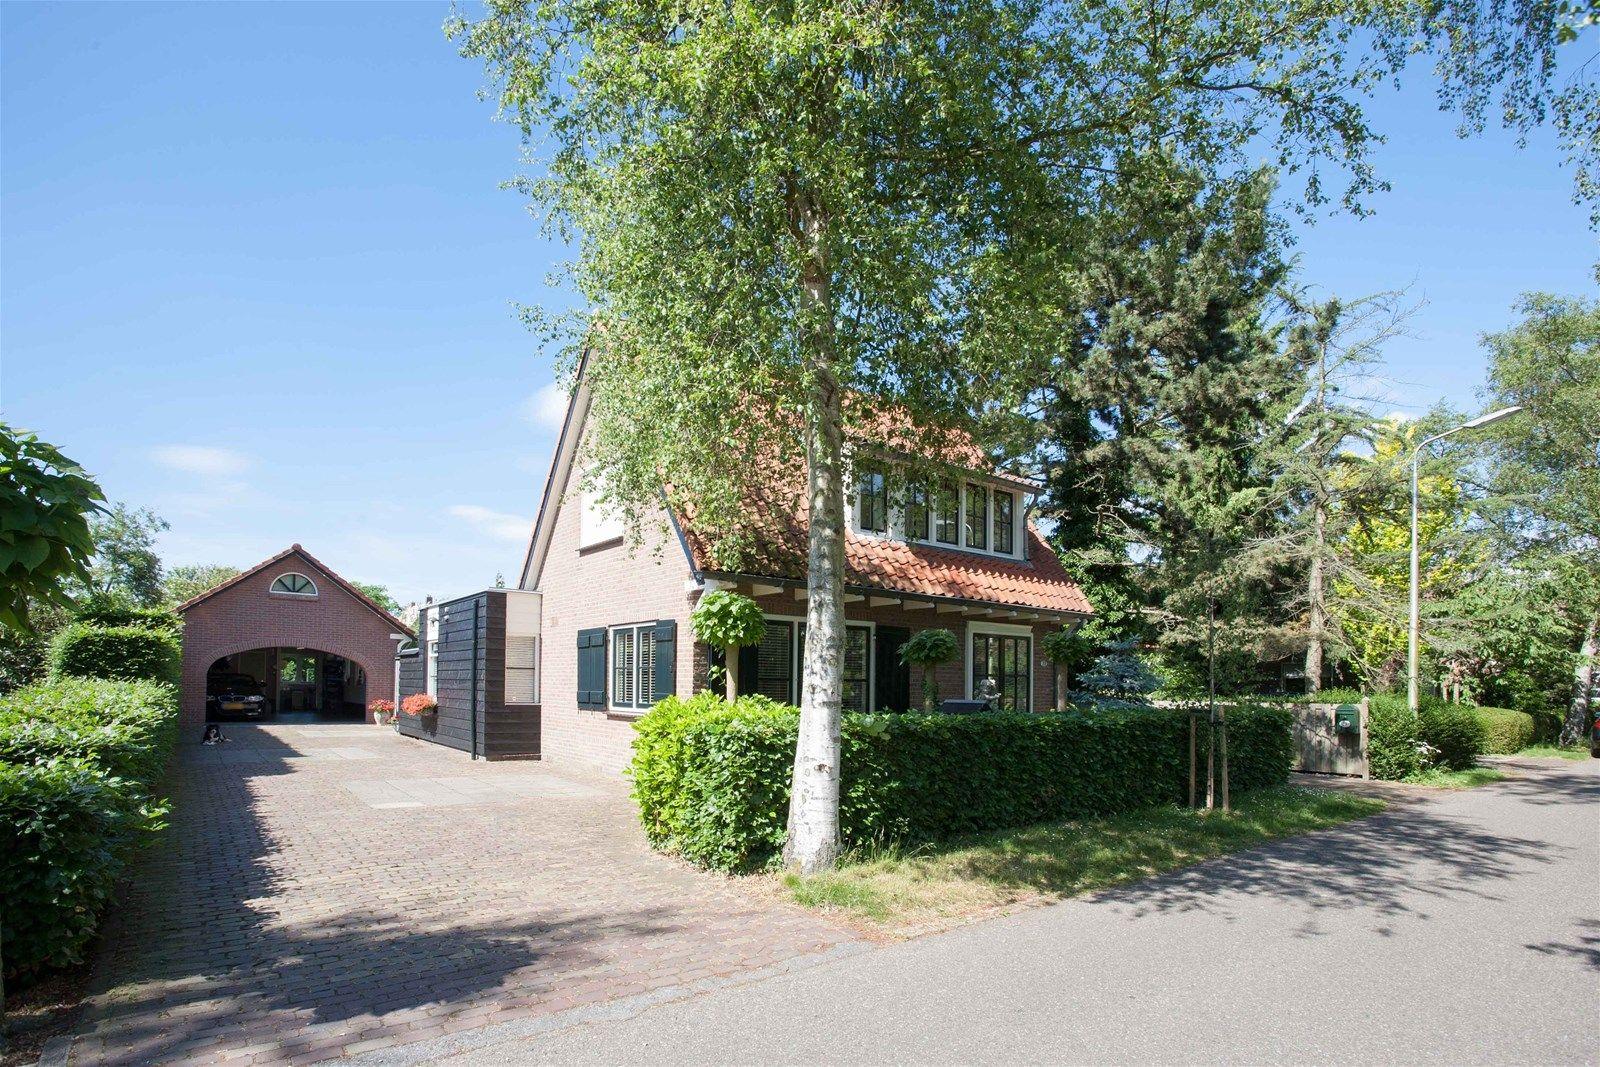 Berkenlaan 29, Aalsmeer